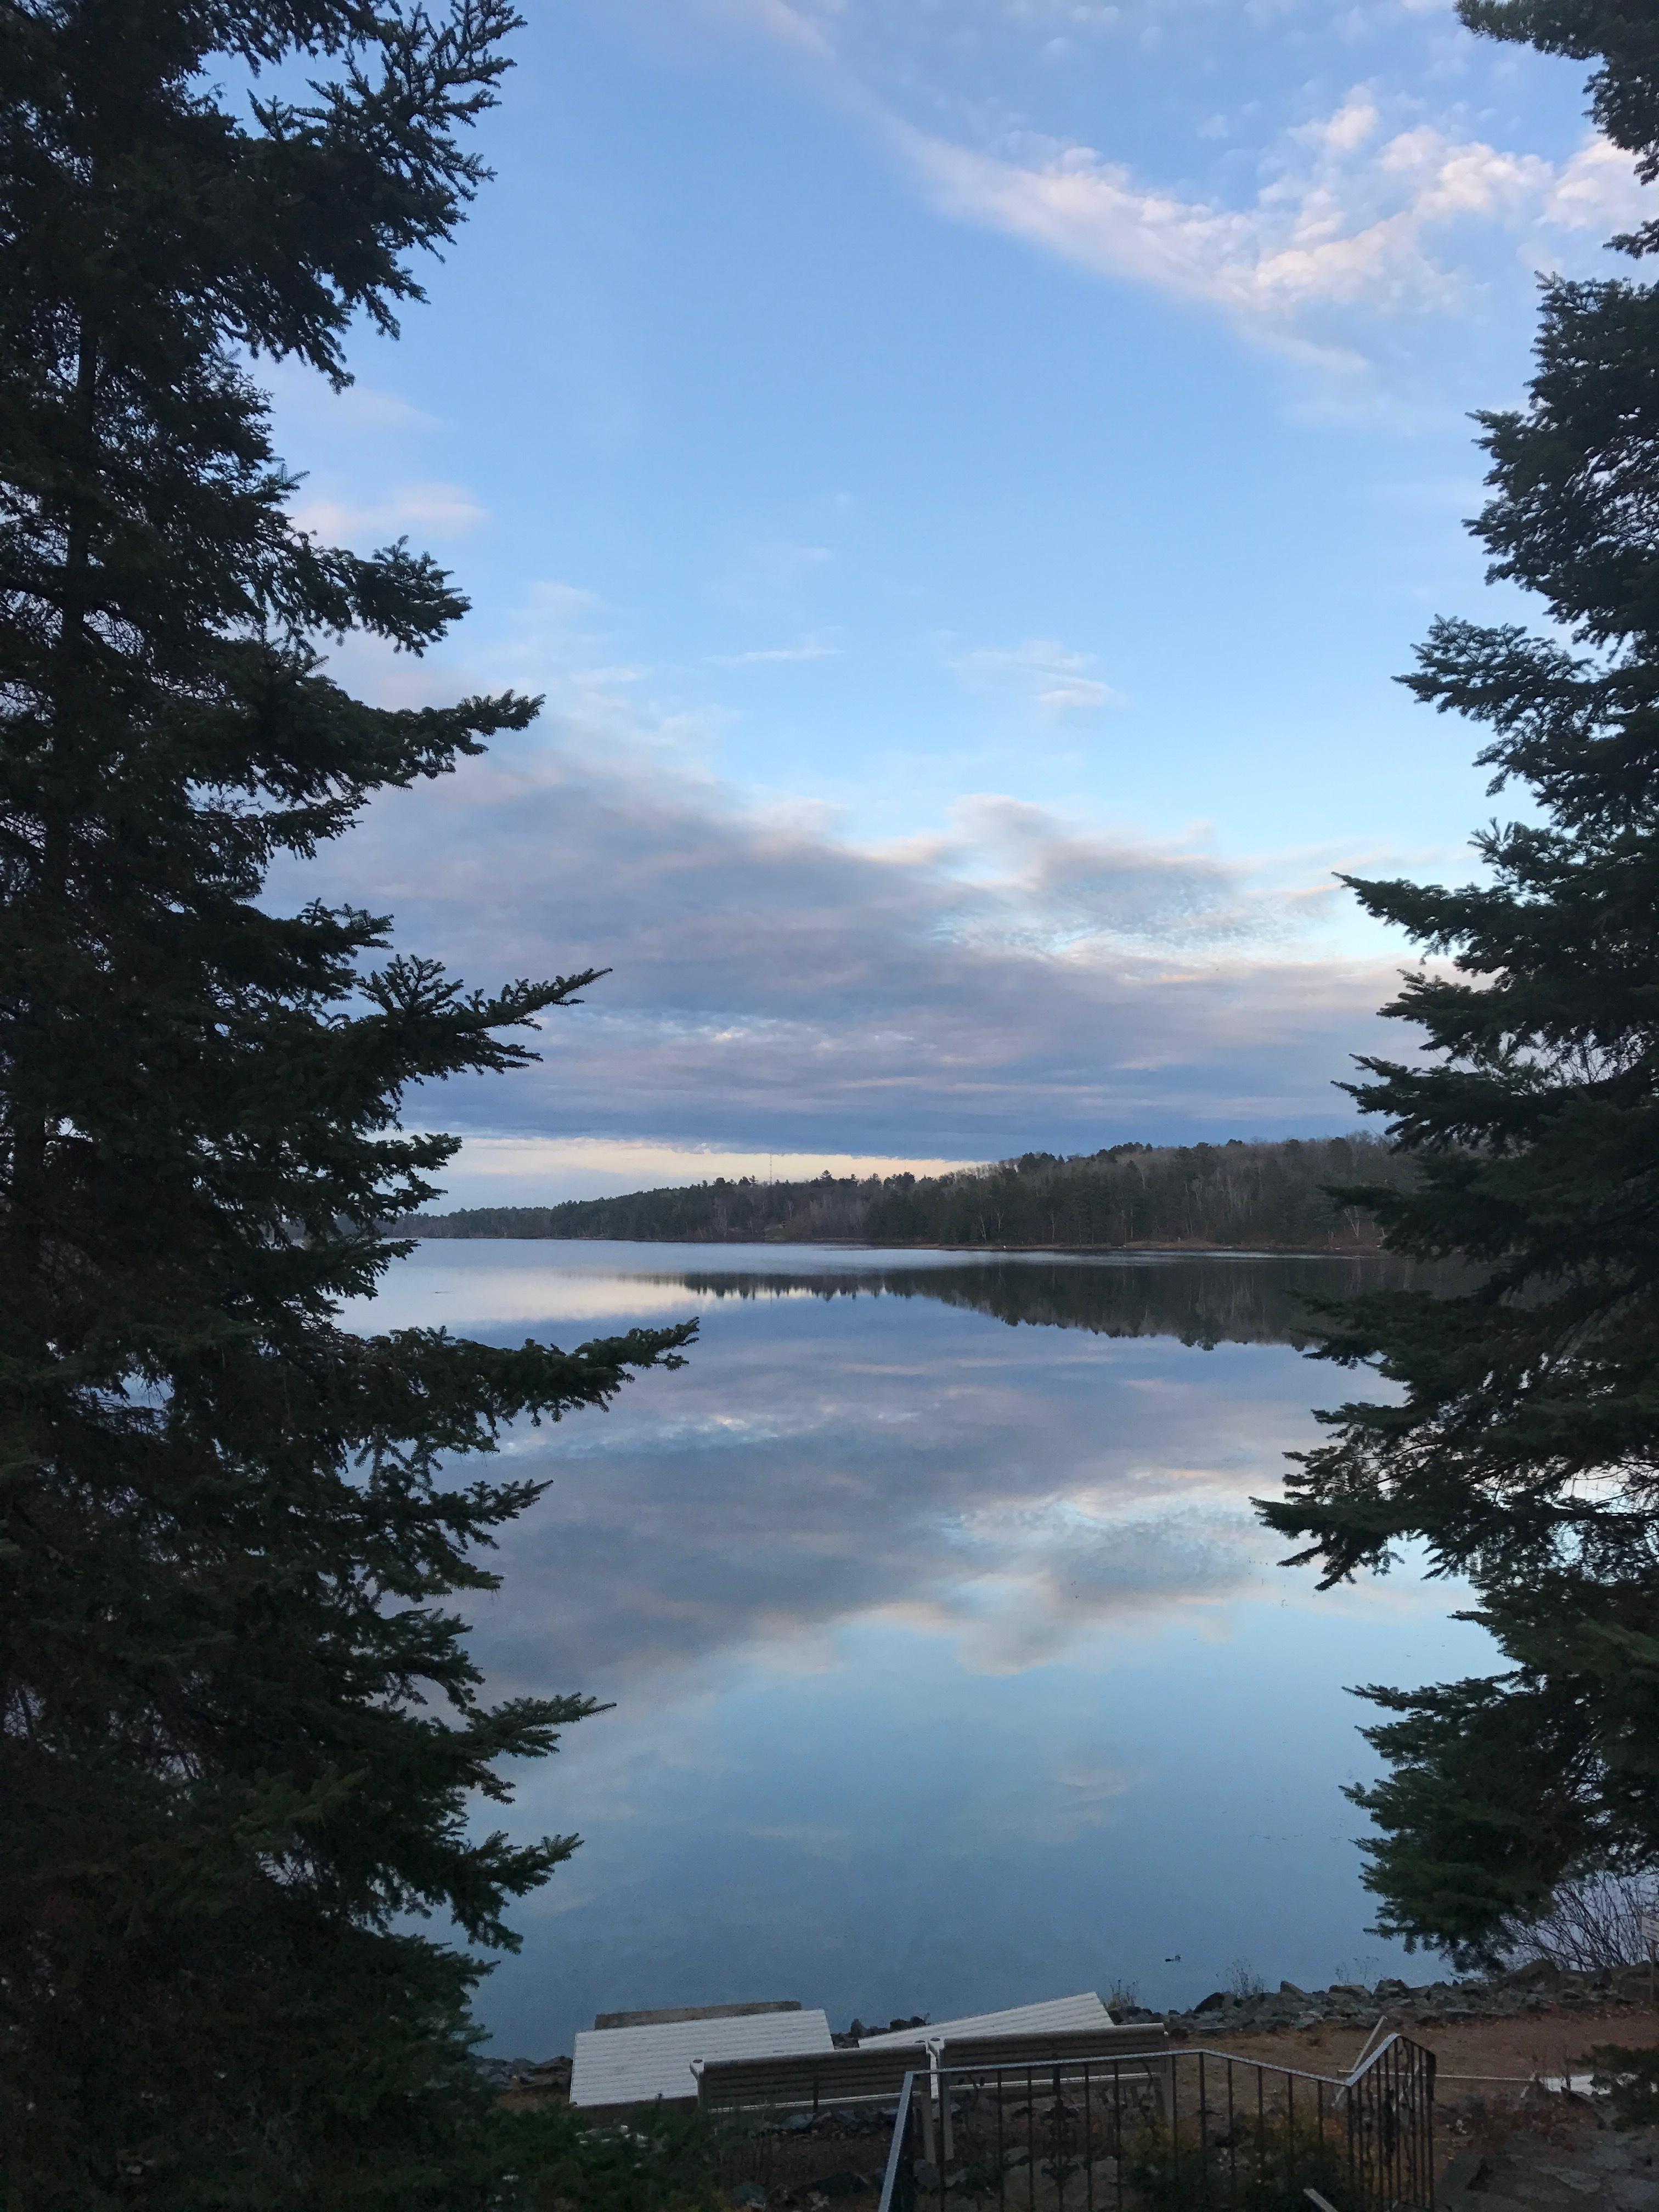 Glassy-Long-Lake-no-dock